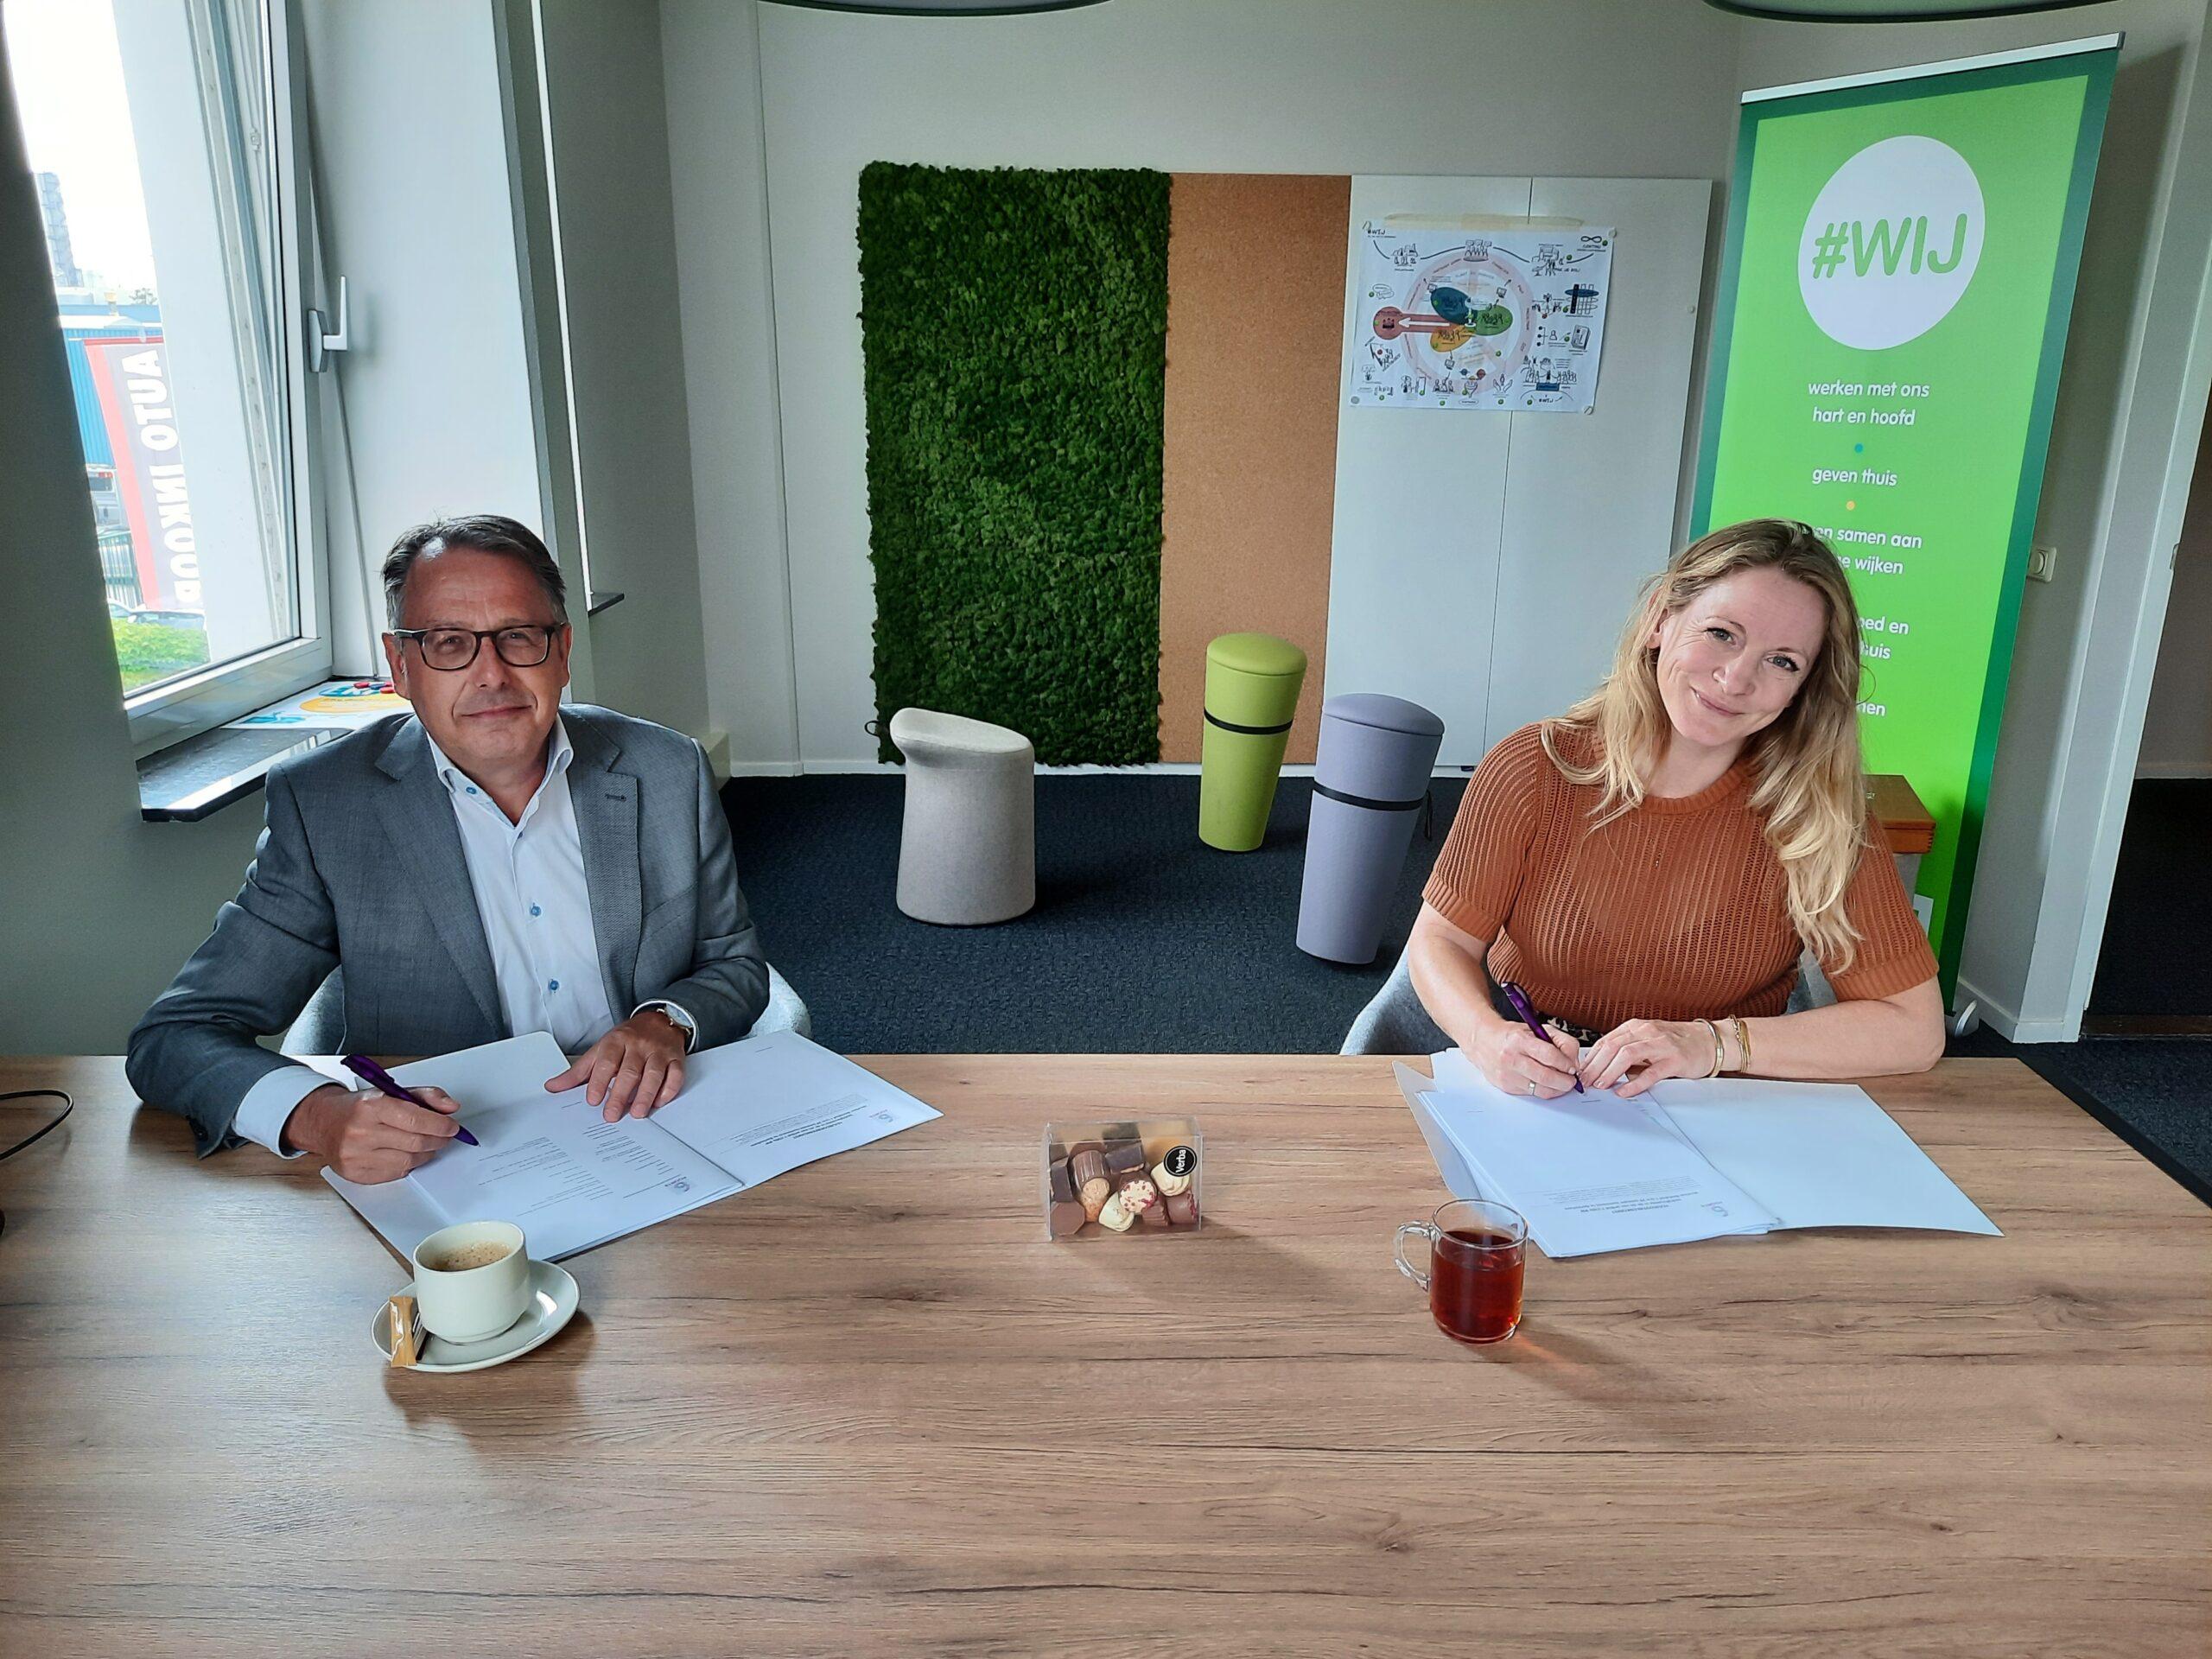 Poort6 en Syndion zetten handtekening onder huurovereenkomst Nicolaas Beetshof